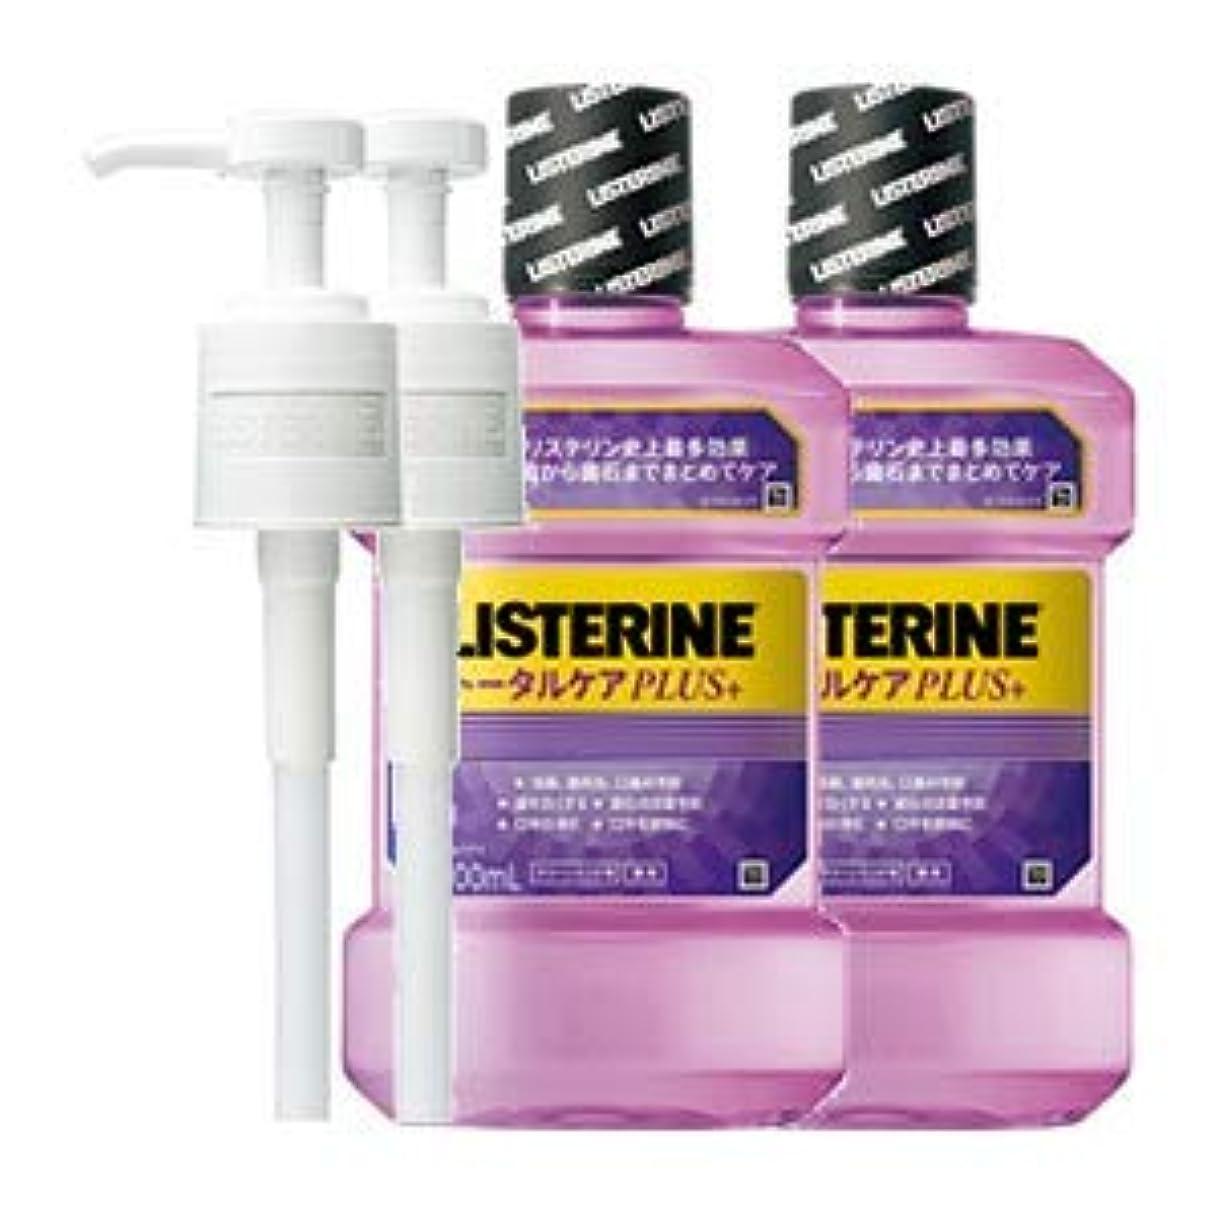 強度思いやり挨拶薬用リステリン トータルケアプラス (液体歯磨) 1000mL 2点セット (ポンプ付)